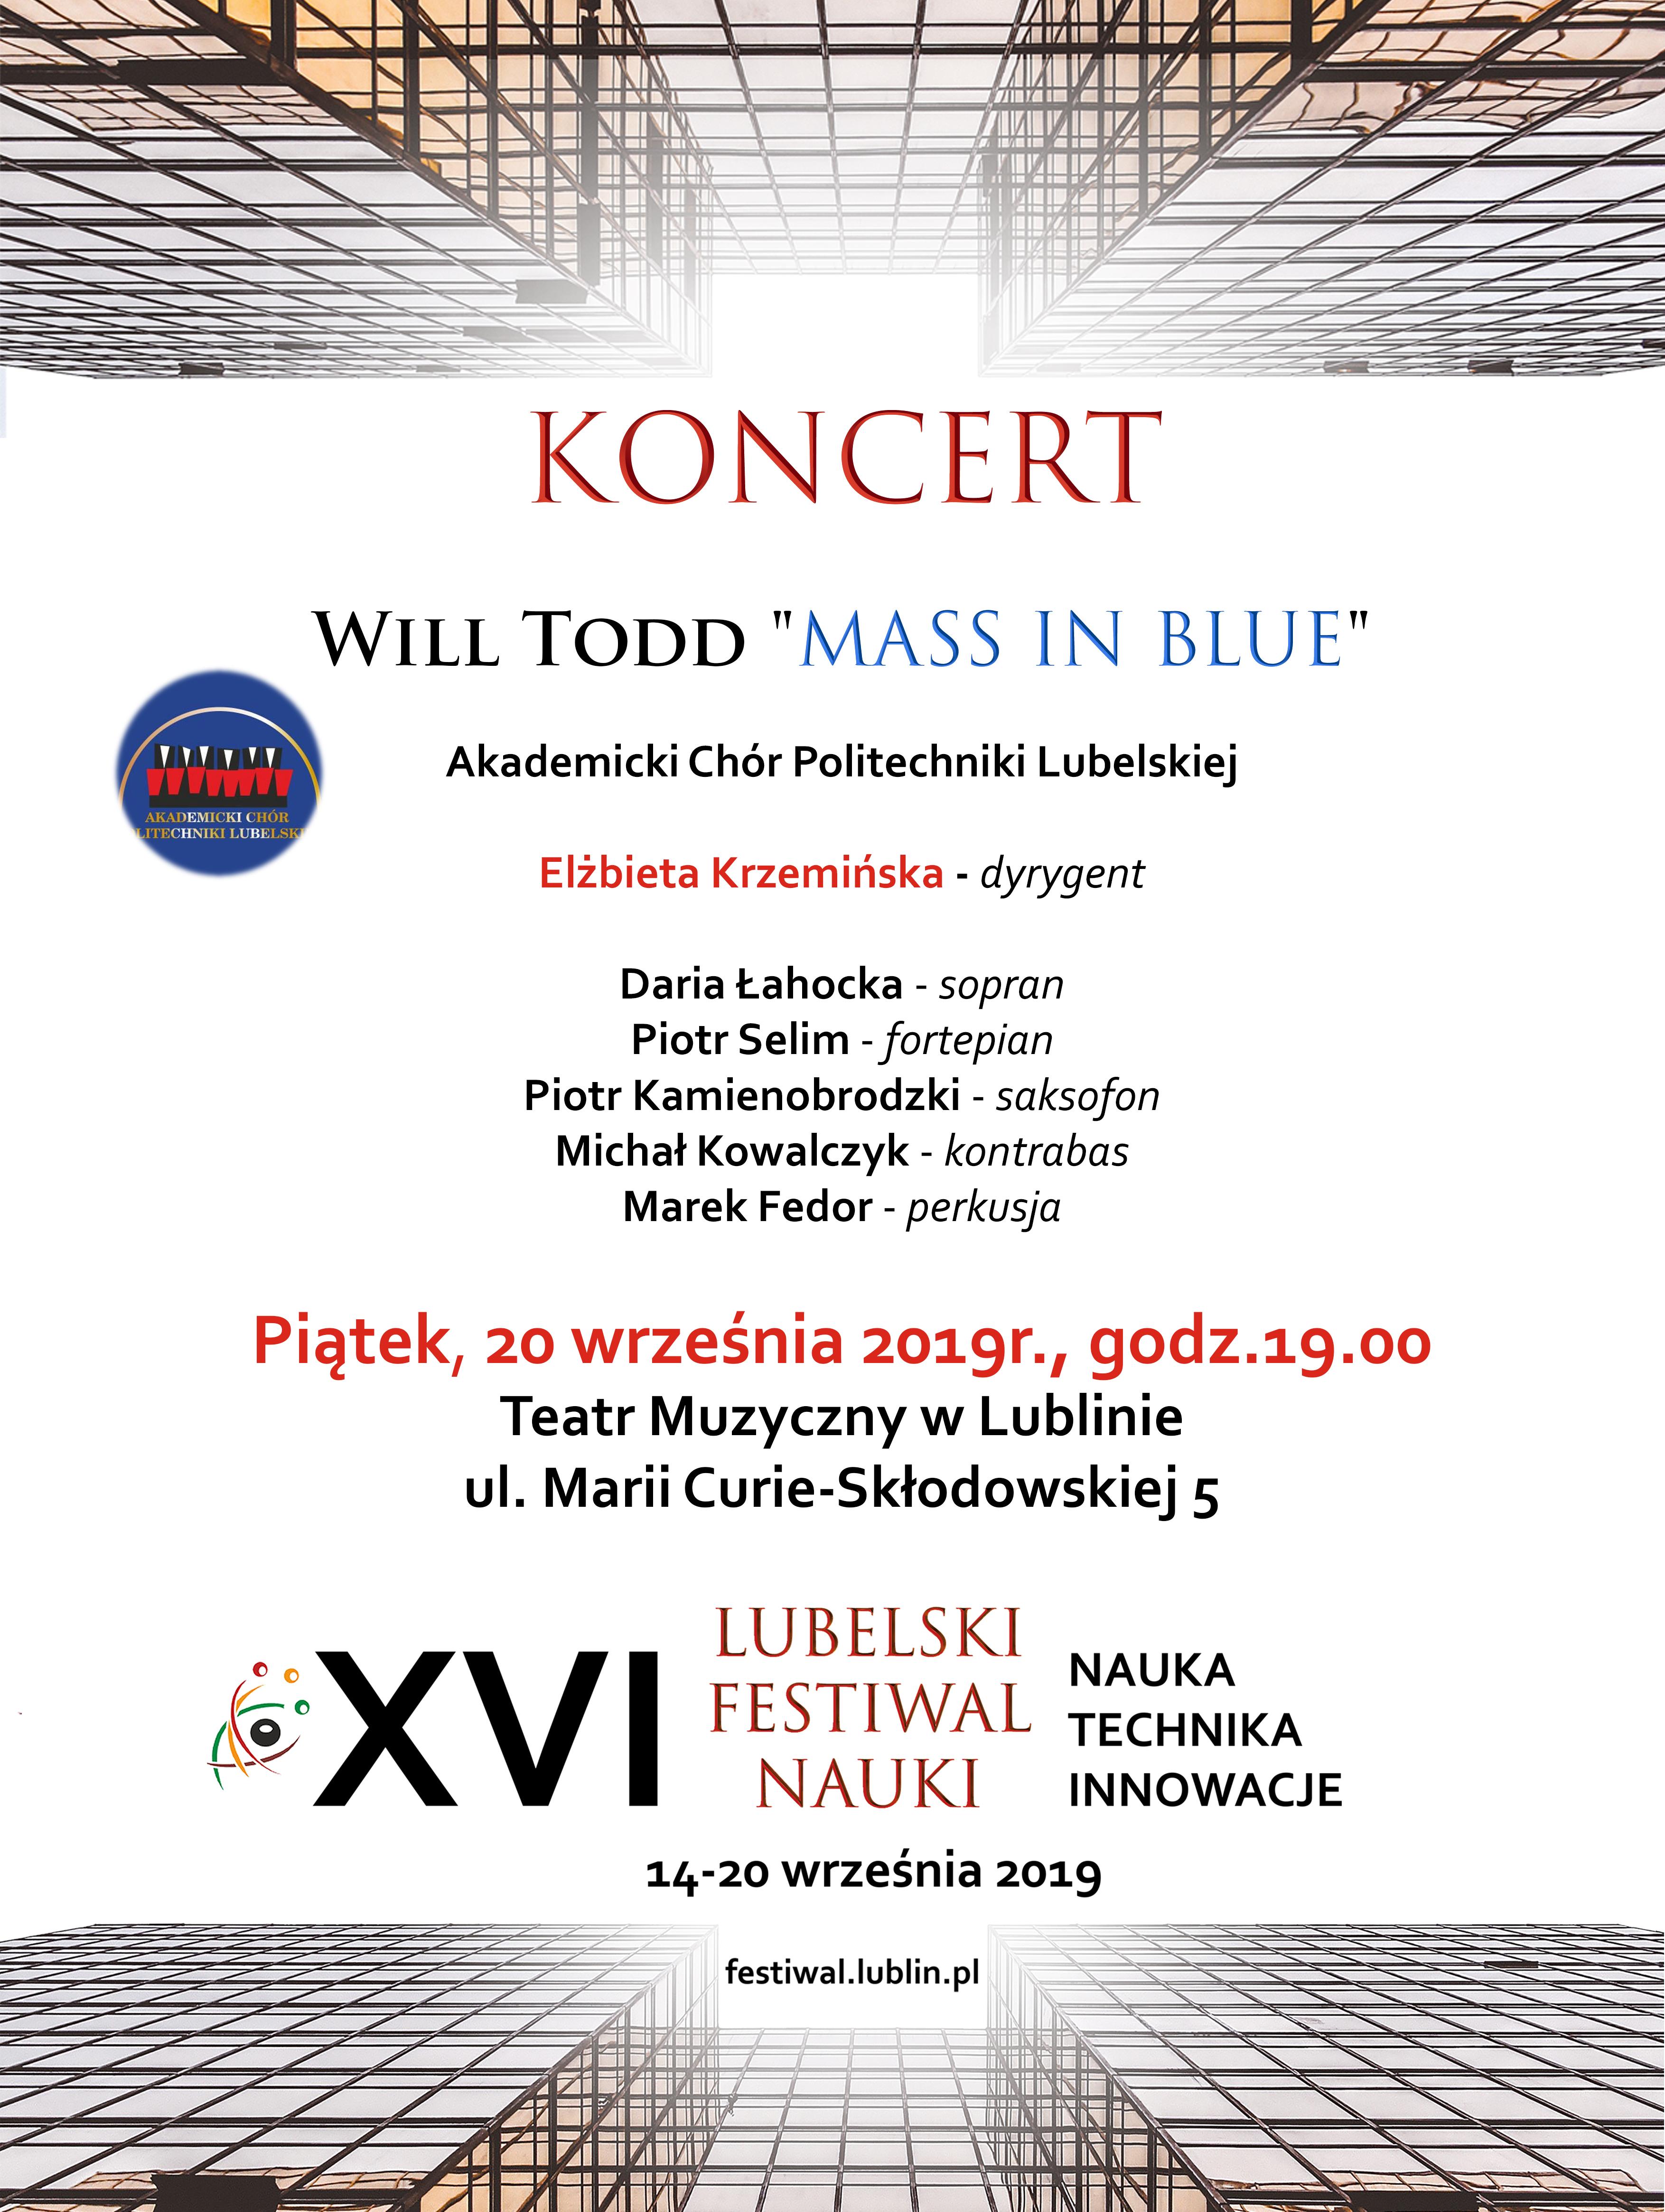 Koncert z okazji XVI Lubelskiego Festiwalu Nauki